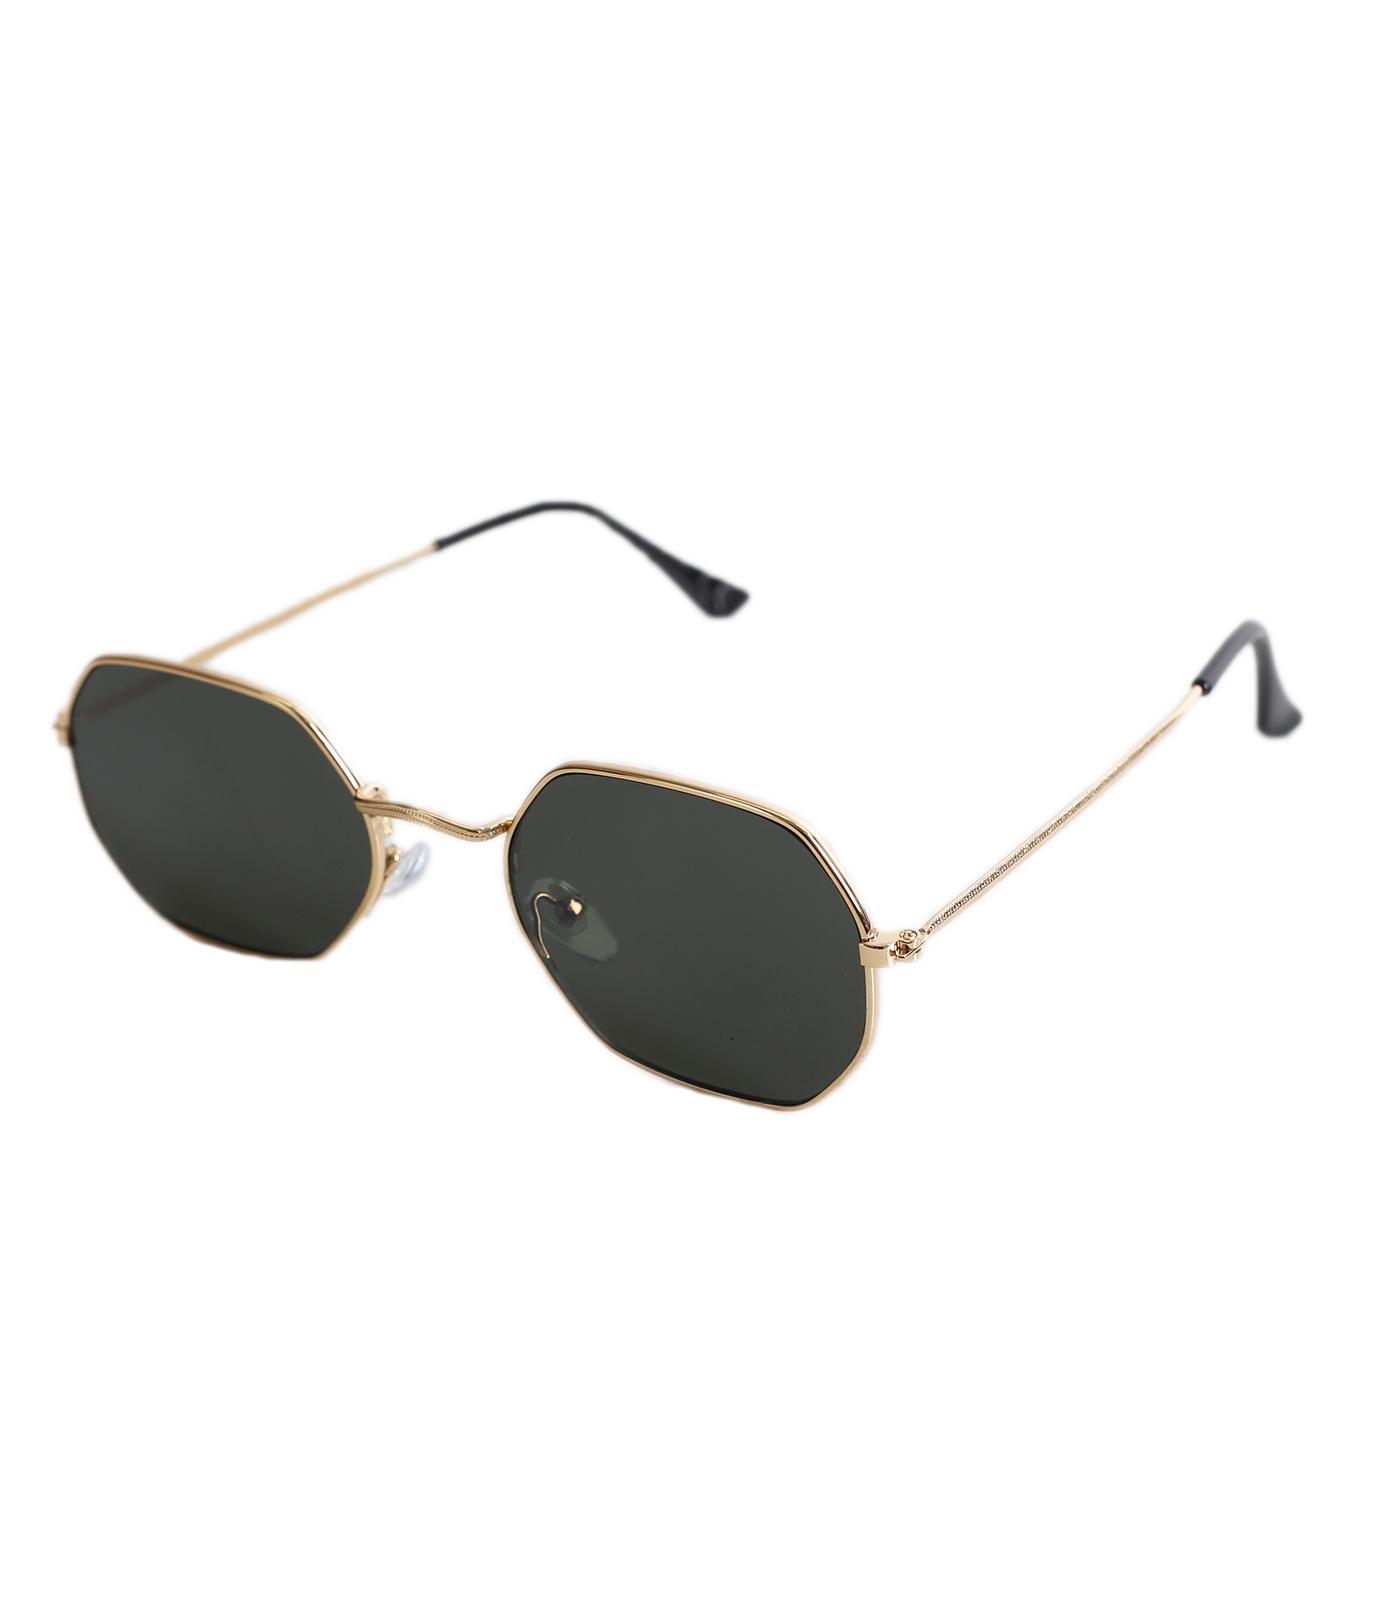 Γυαλιά ηλίου με πολύγωνο σκελετό και πράσινο φακό αξεσουάρ   γυαλιά